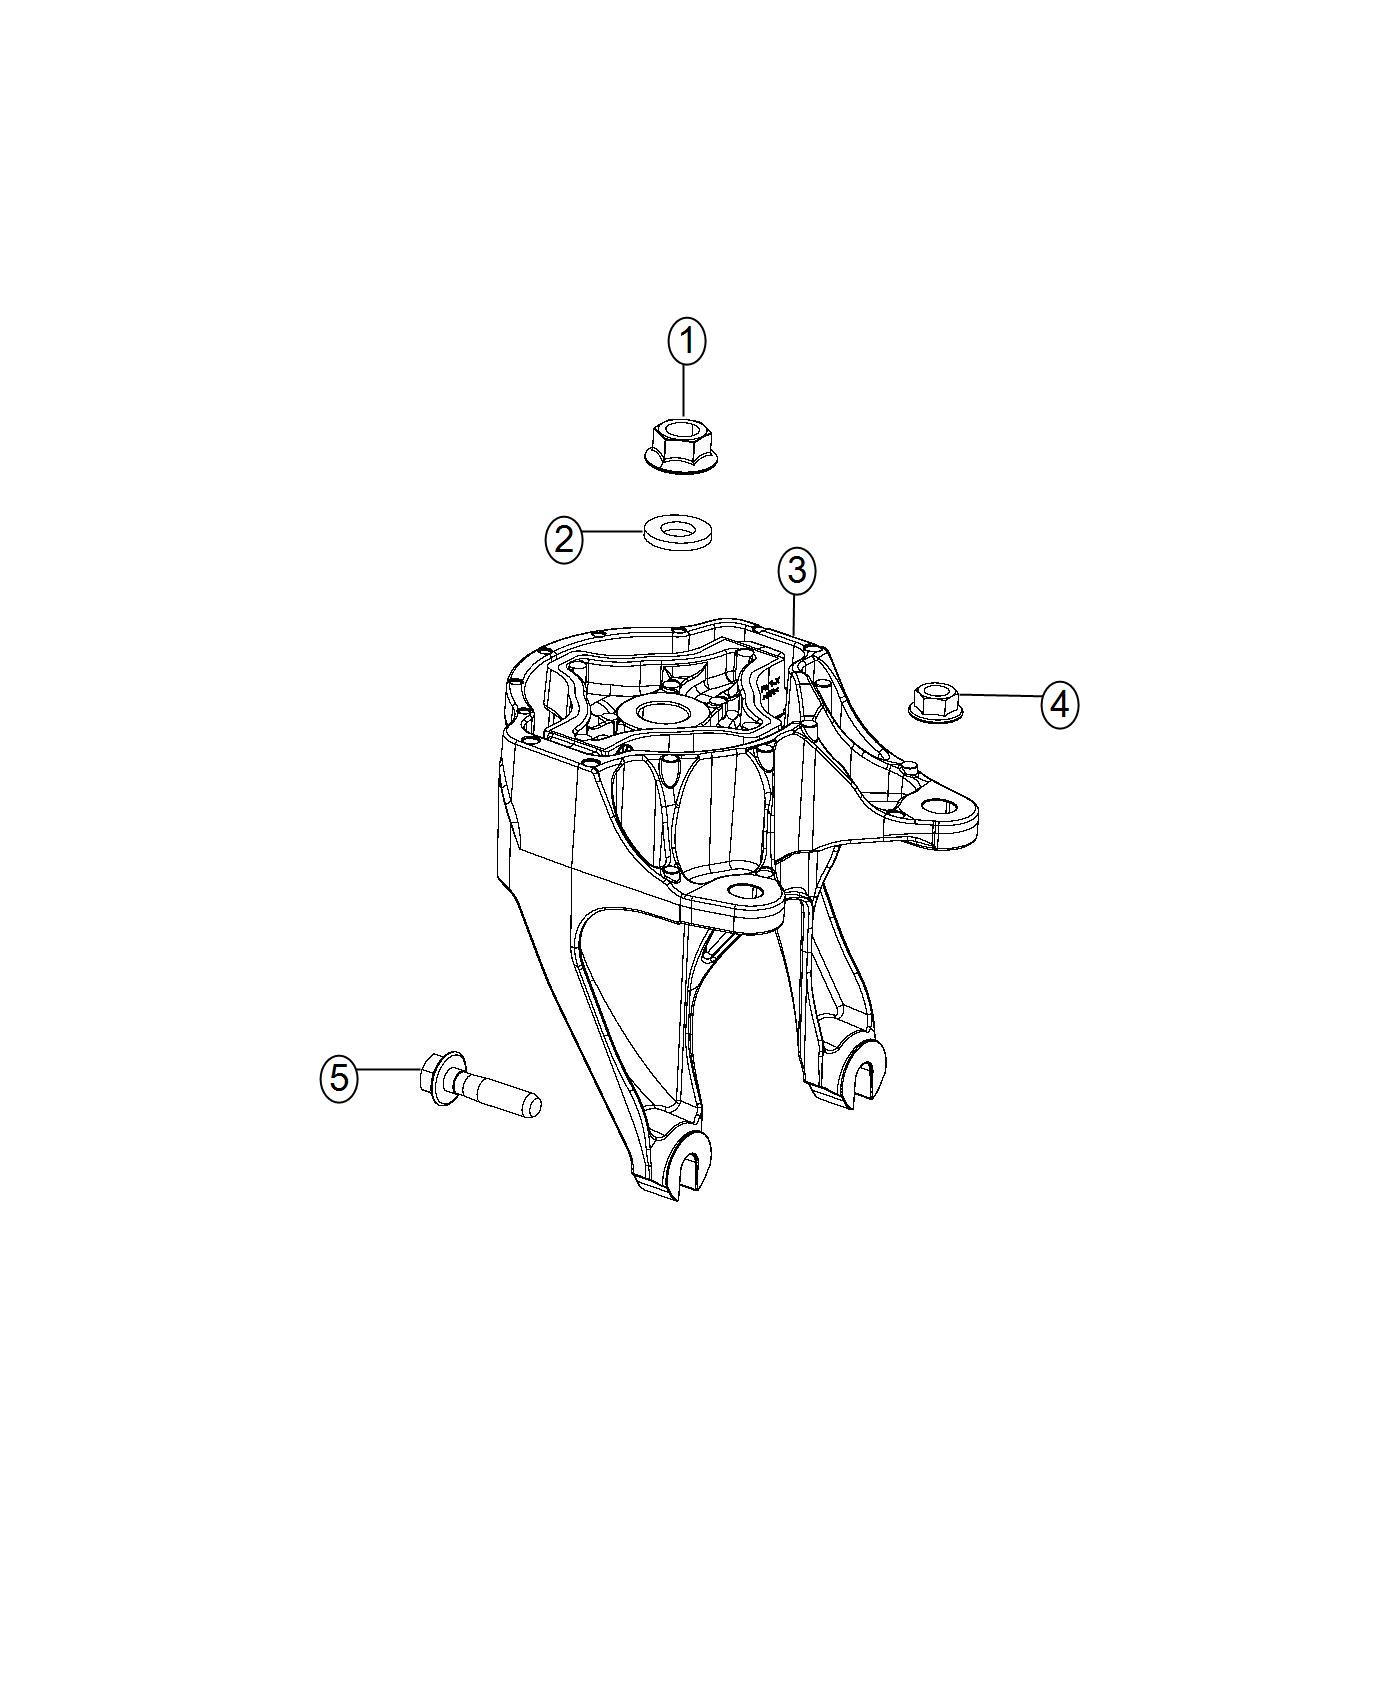 Ram Bracket Isolator Isolator Kit Engine Mount Power Module Transmission